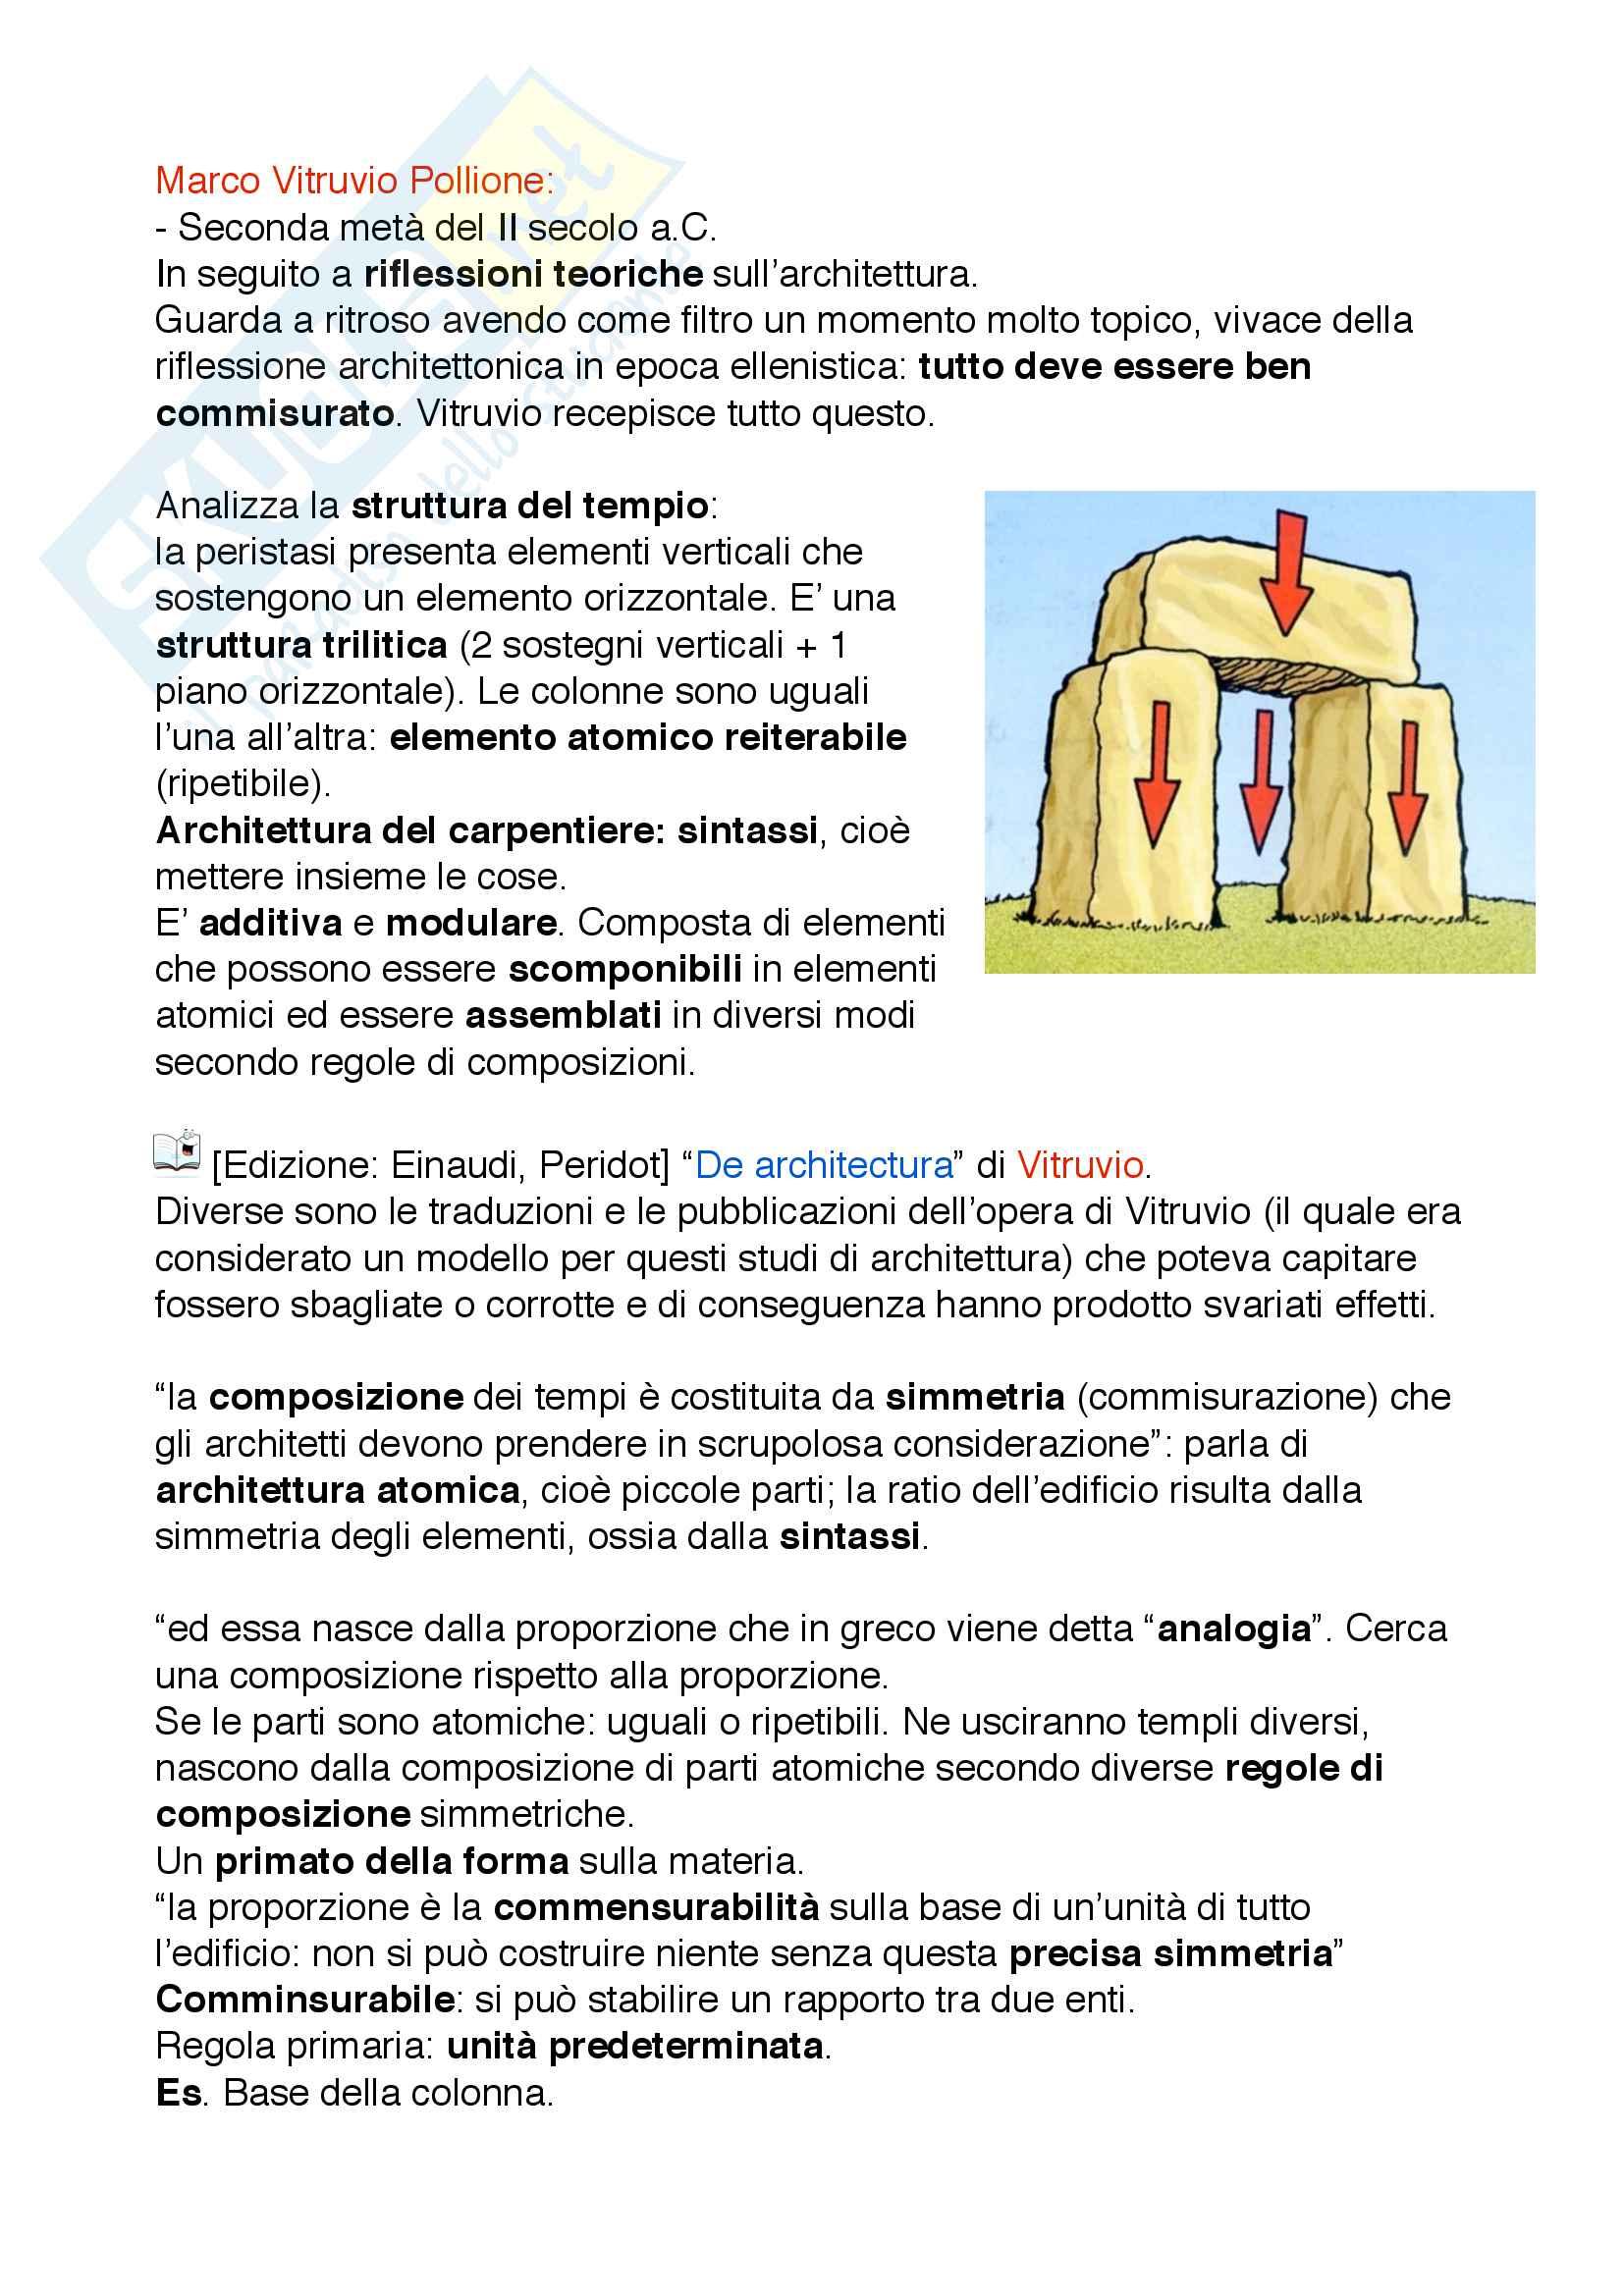 4 Modulo vitruviano